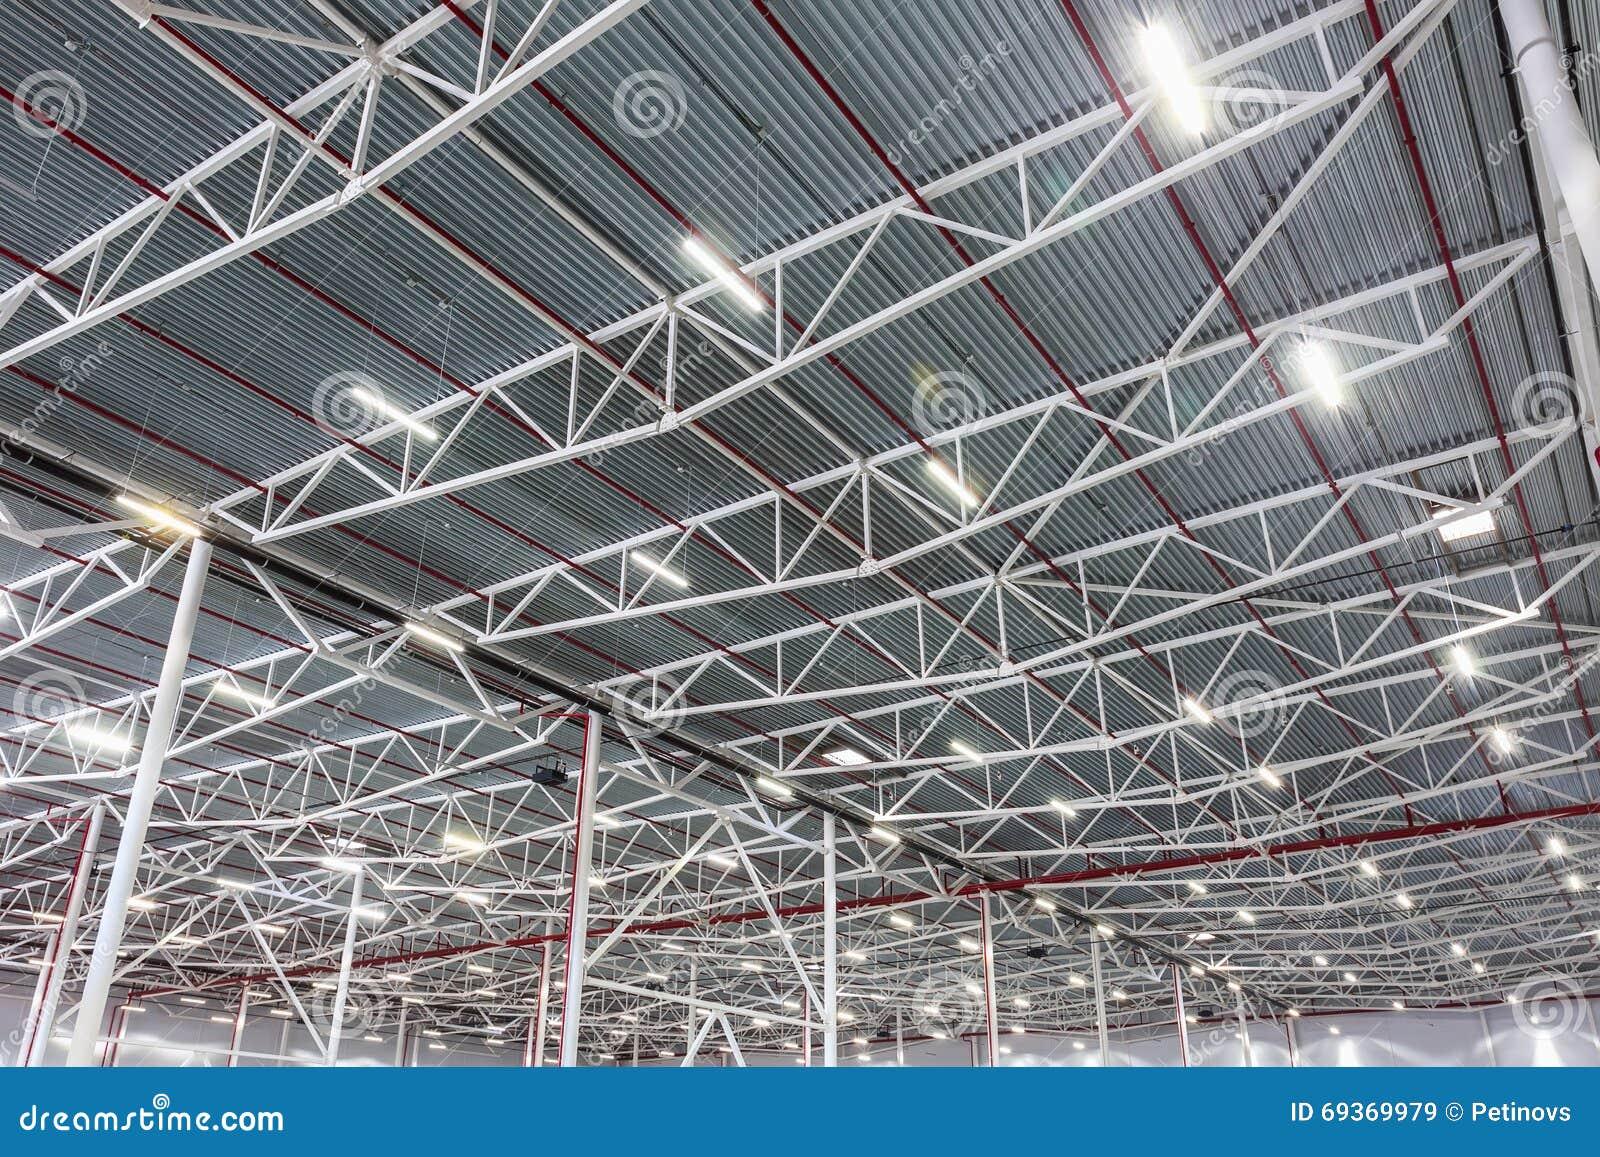 Moderne Lampen 79 : Deckenleuchten mit diodenbeleuchtung in einem modernen lager